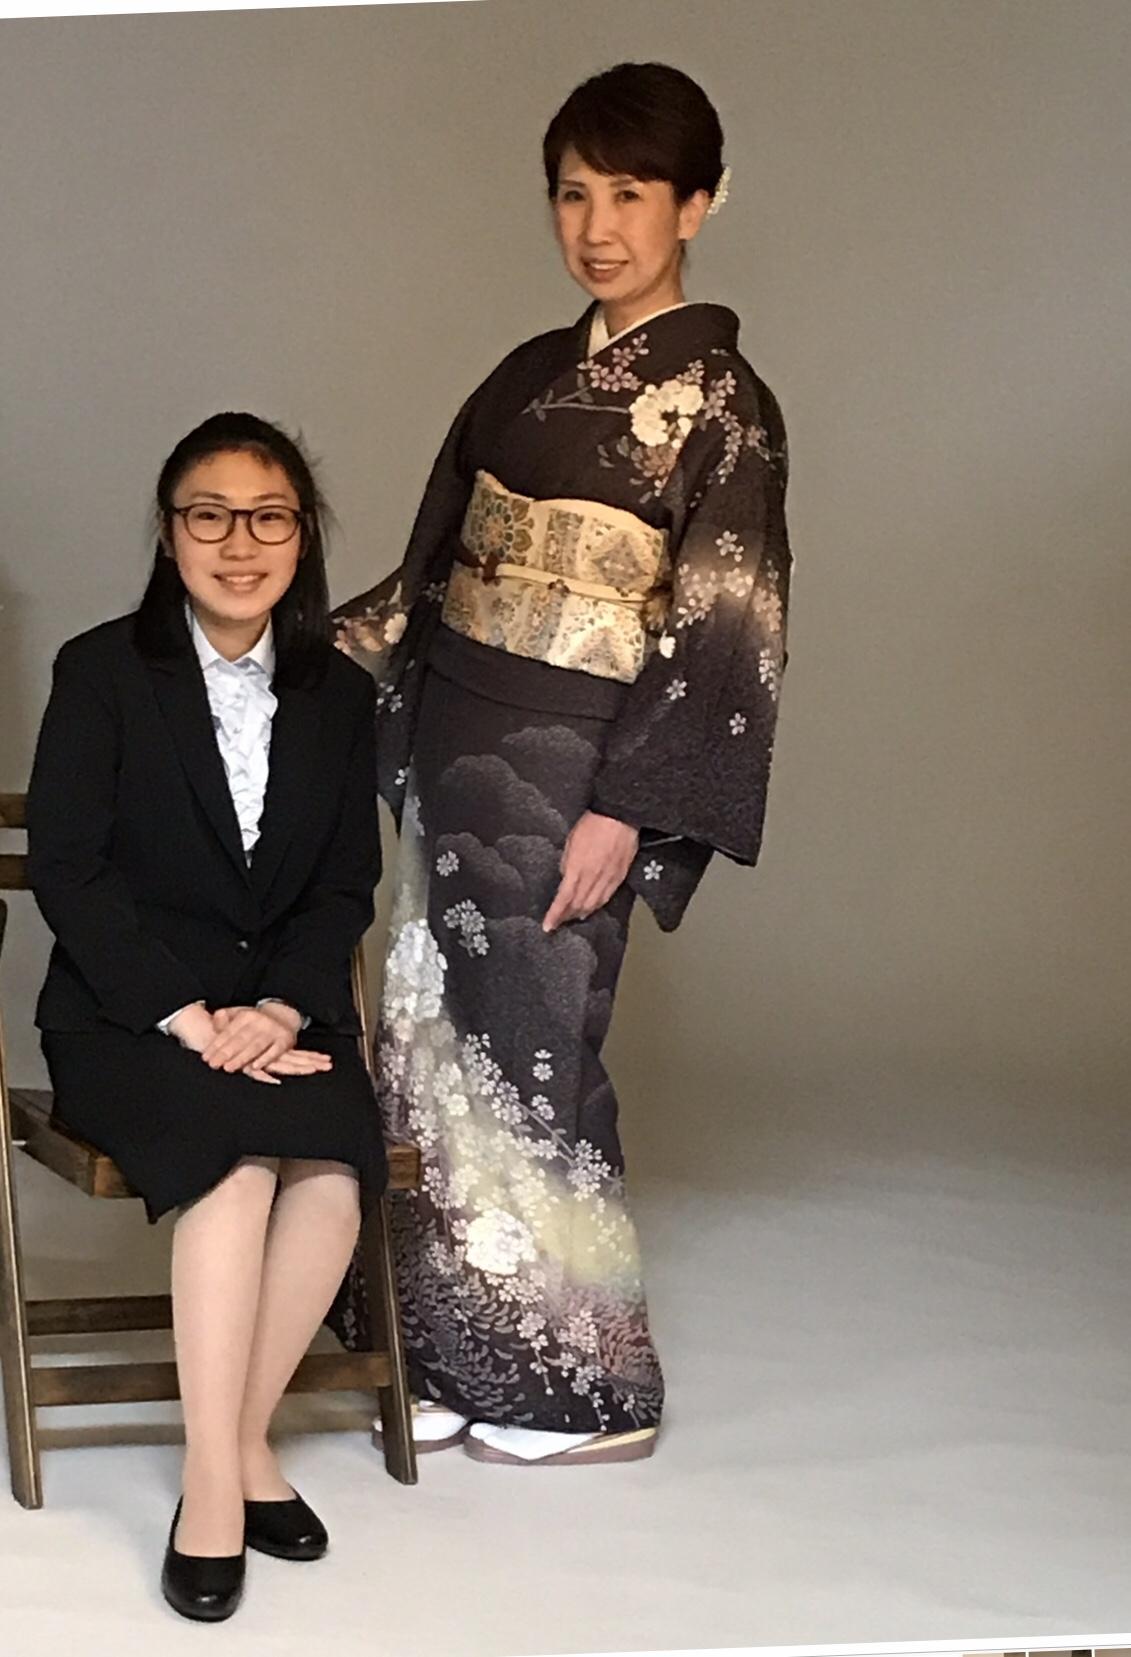 着物 入学 式 卒業式や入学式に着物の黒羽織コーデはありなの?一つ紋や古着でも大丈夫? |